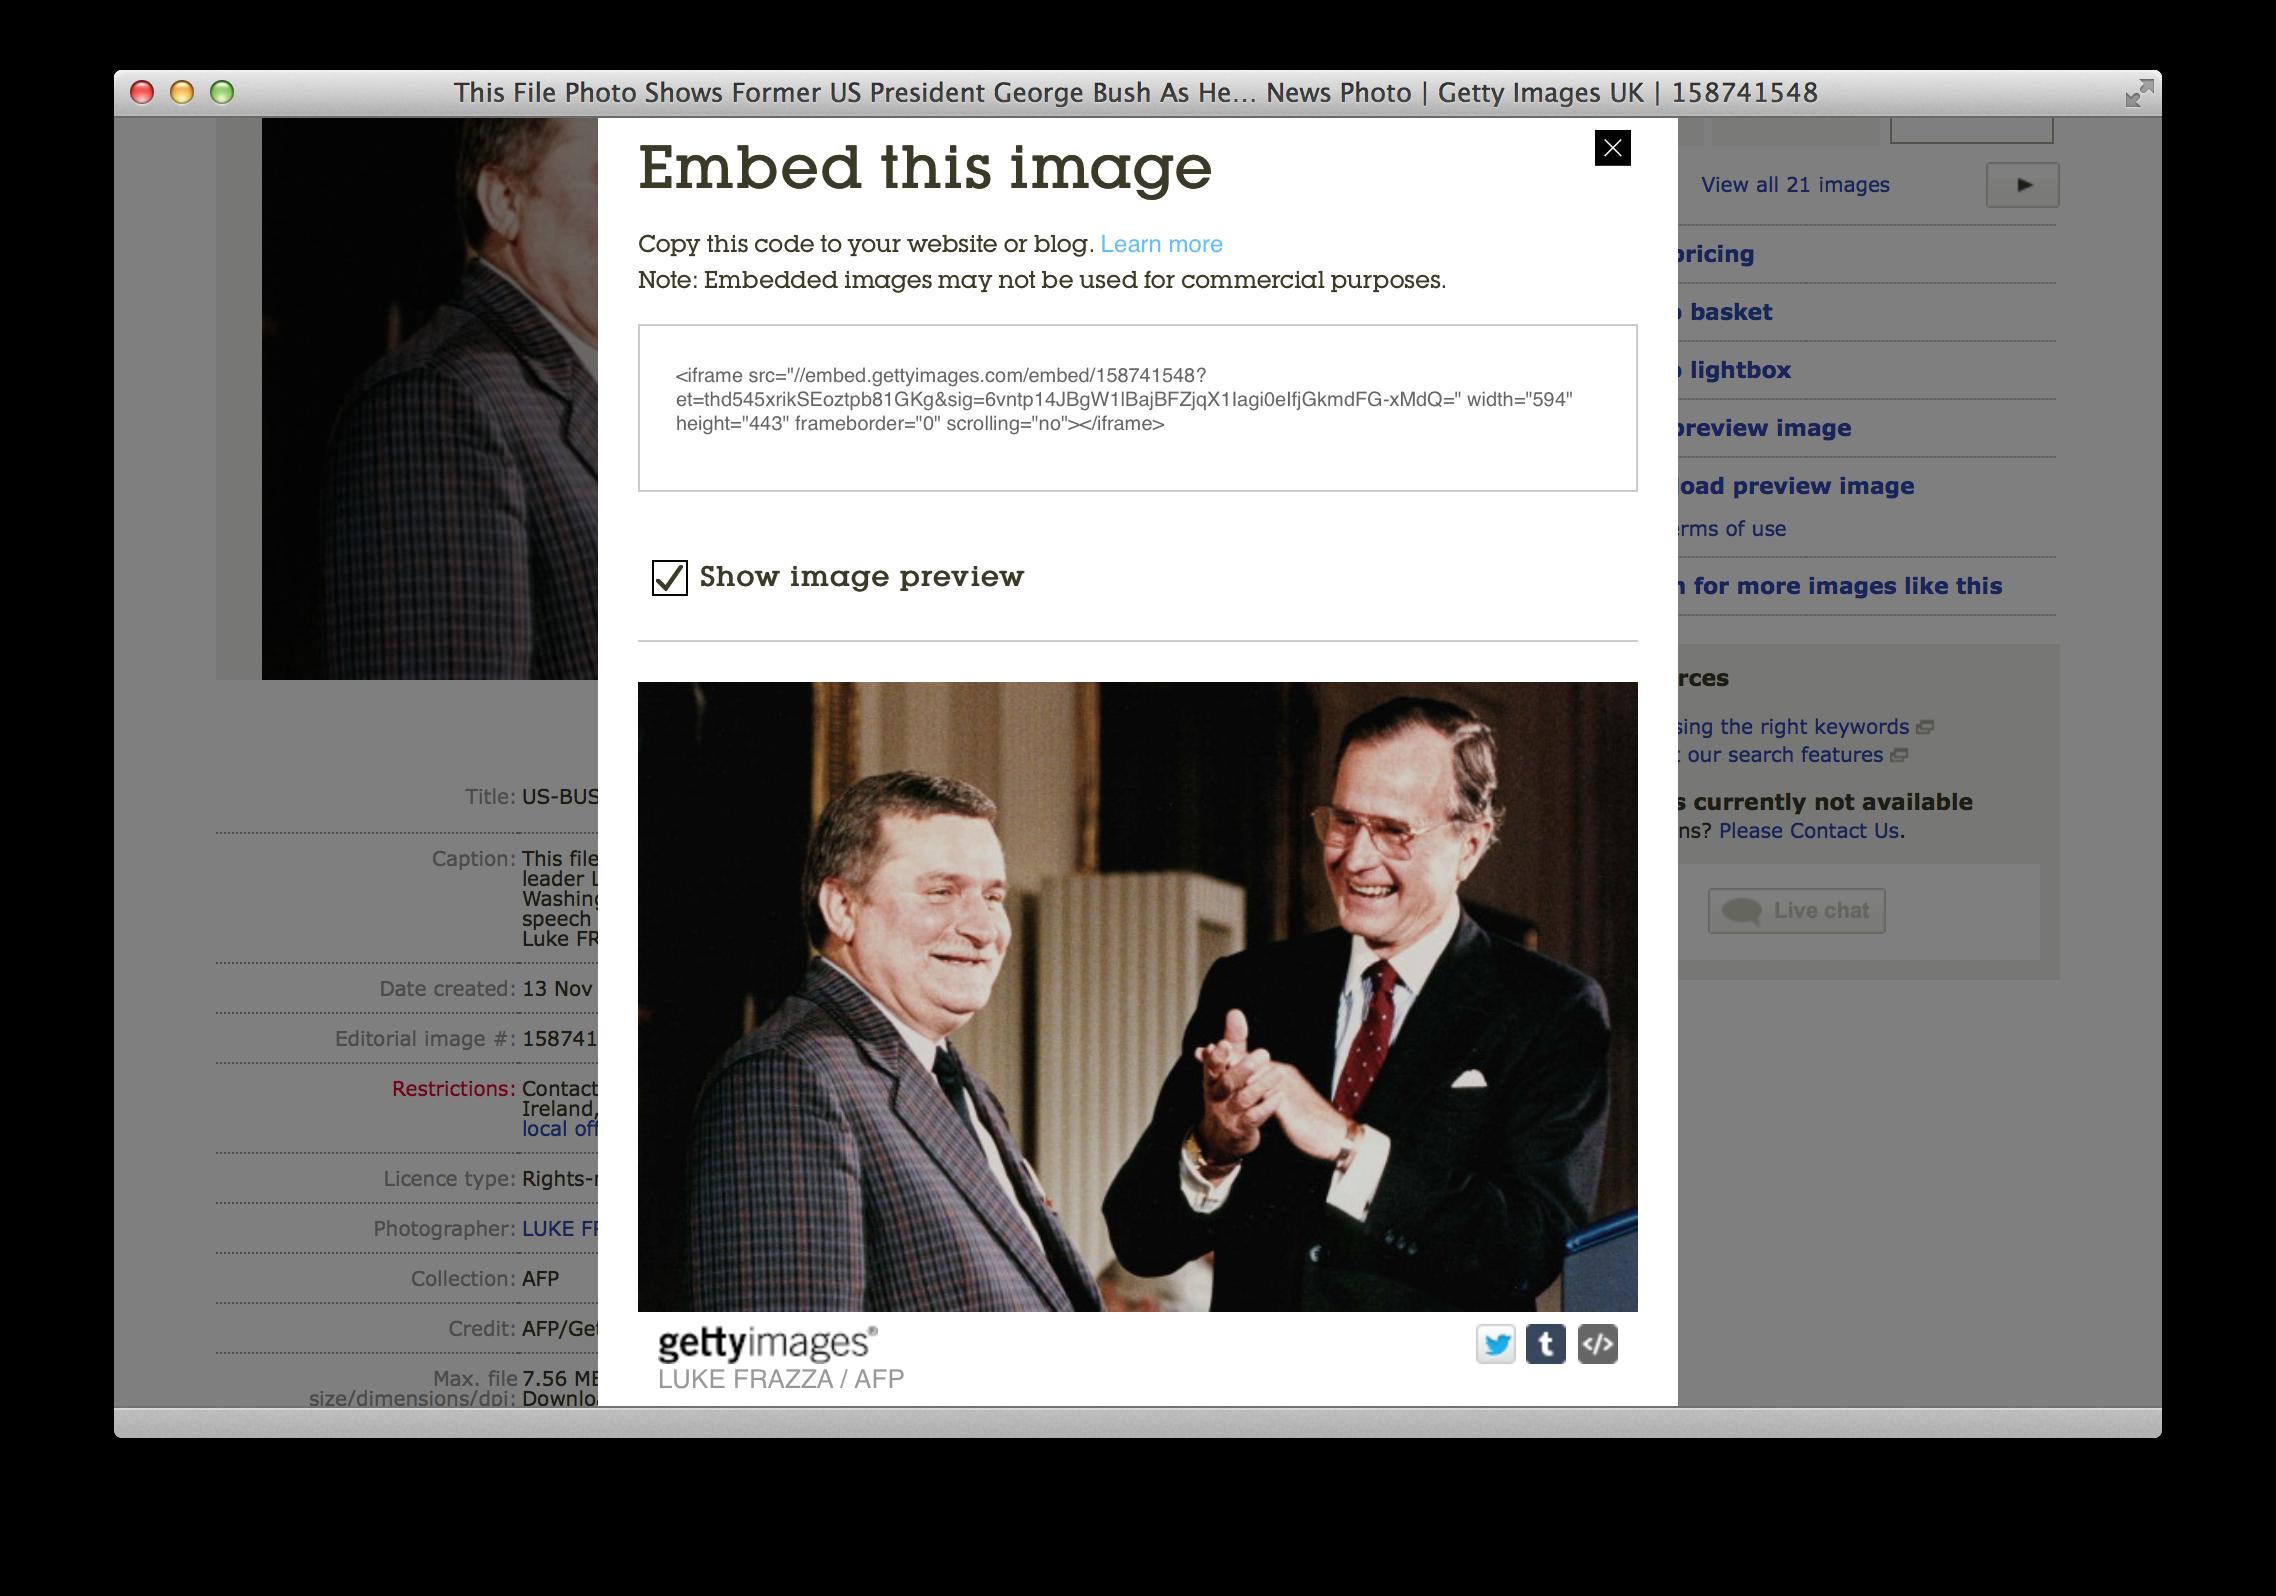 Как использовать все фотографии фотоархива Getty Images совершенно бесплатно